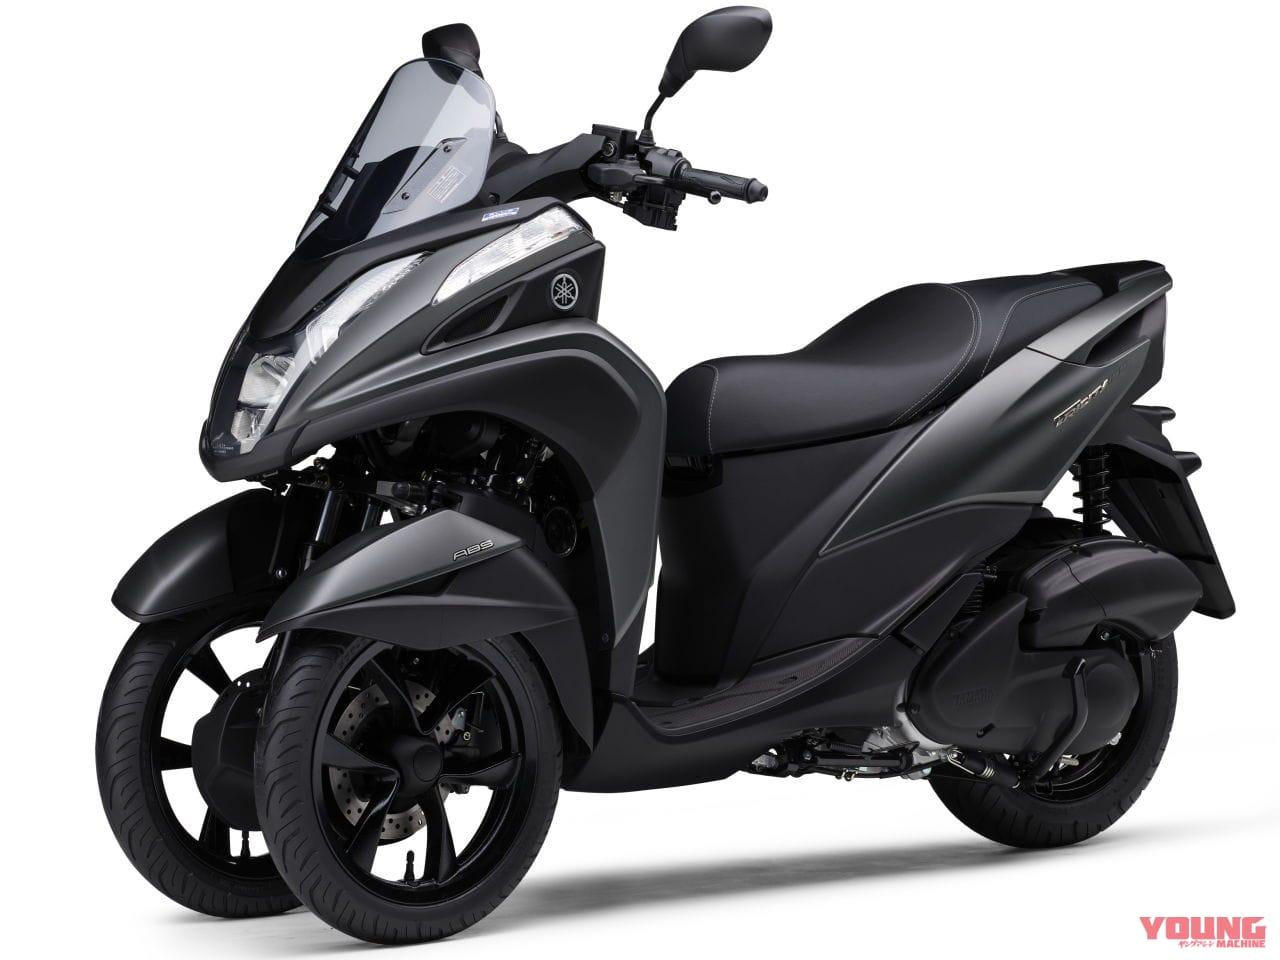 YAMAHA TRICITY 155 ABS[2020]マットグレーメタリック3(マットグレー) ※継続色